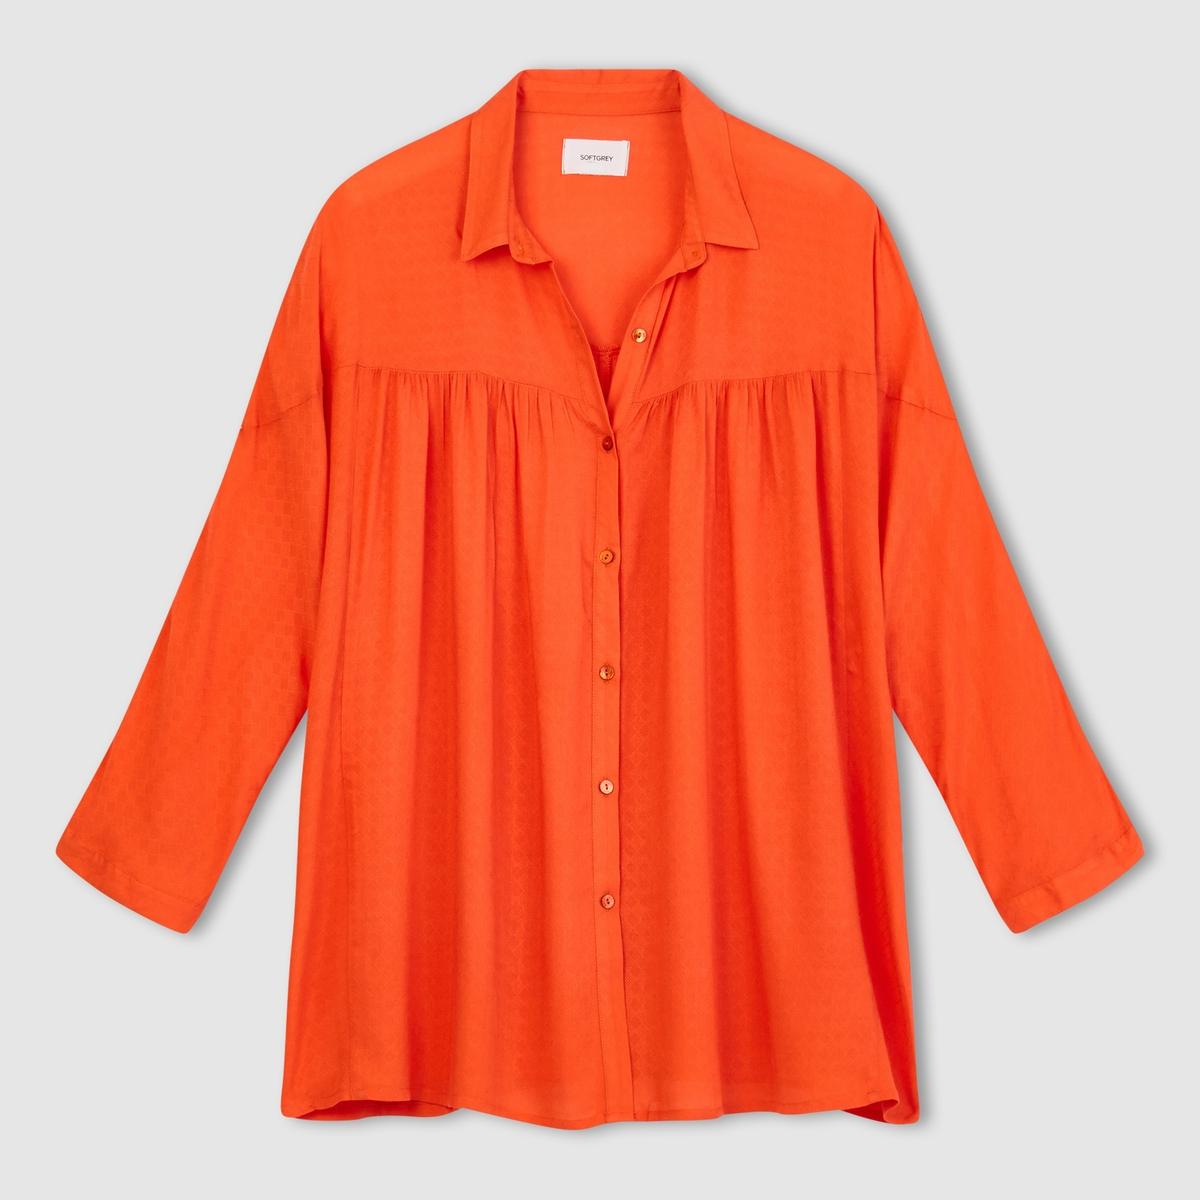 Рубашка объемного покроя с рукавами летучая мышьРубашка, 100% рельефная вискоза. Широкий рукав фасона летучая мышь. Свободный покрой. Мелкие складки на груди. Застежка на пуговицы. Длина 69 см.Рубашка из струящейся ткани свободного покроя в богемном стиле.<br><br>Цвет: оранжевый